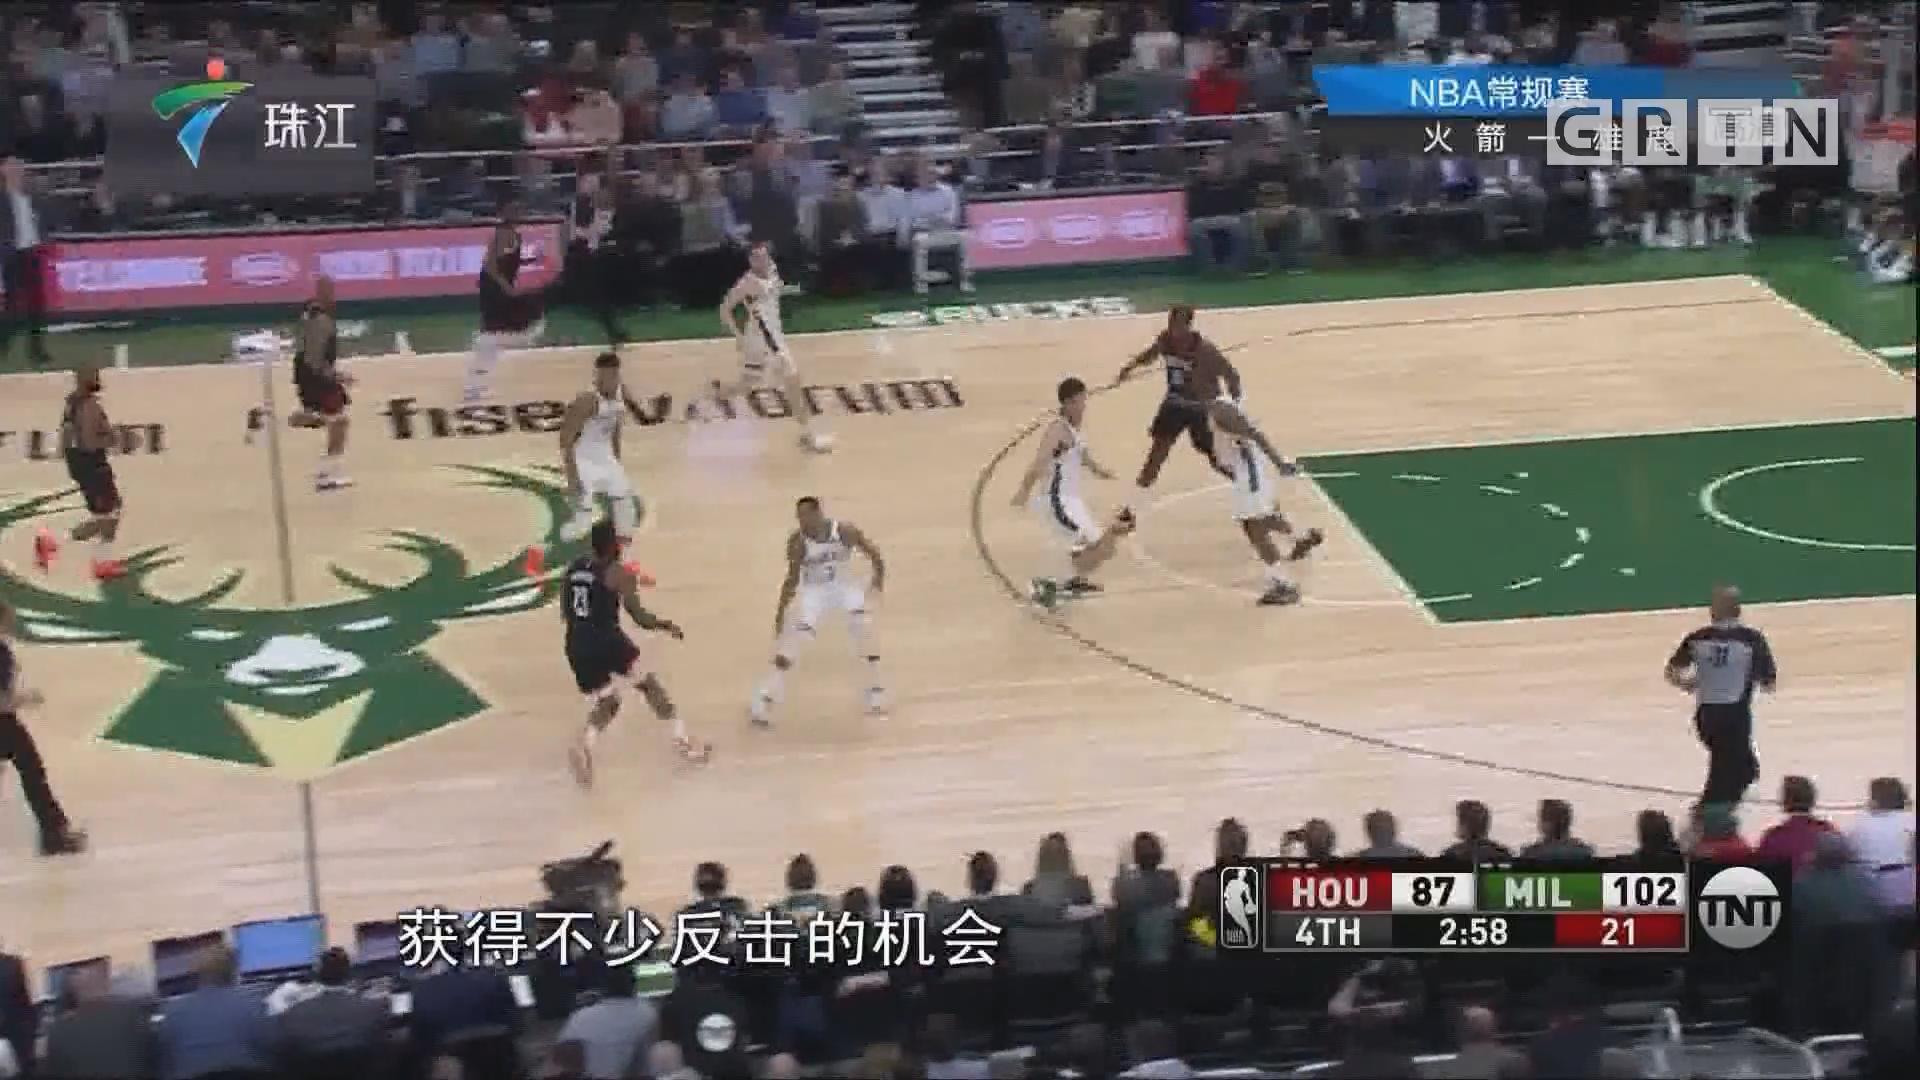 NBA:雄鹿击败火箭 收获三连胜